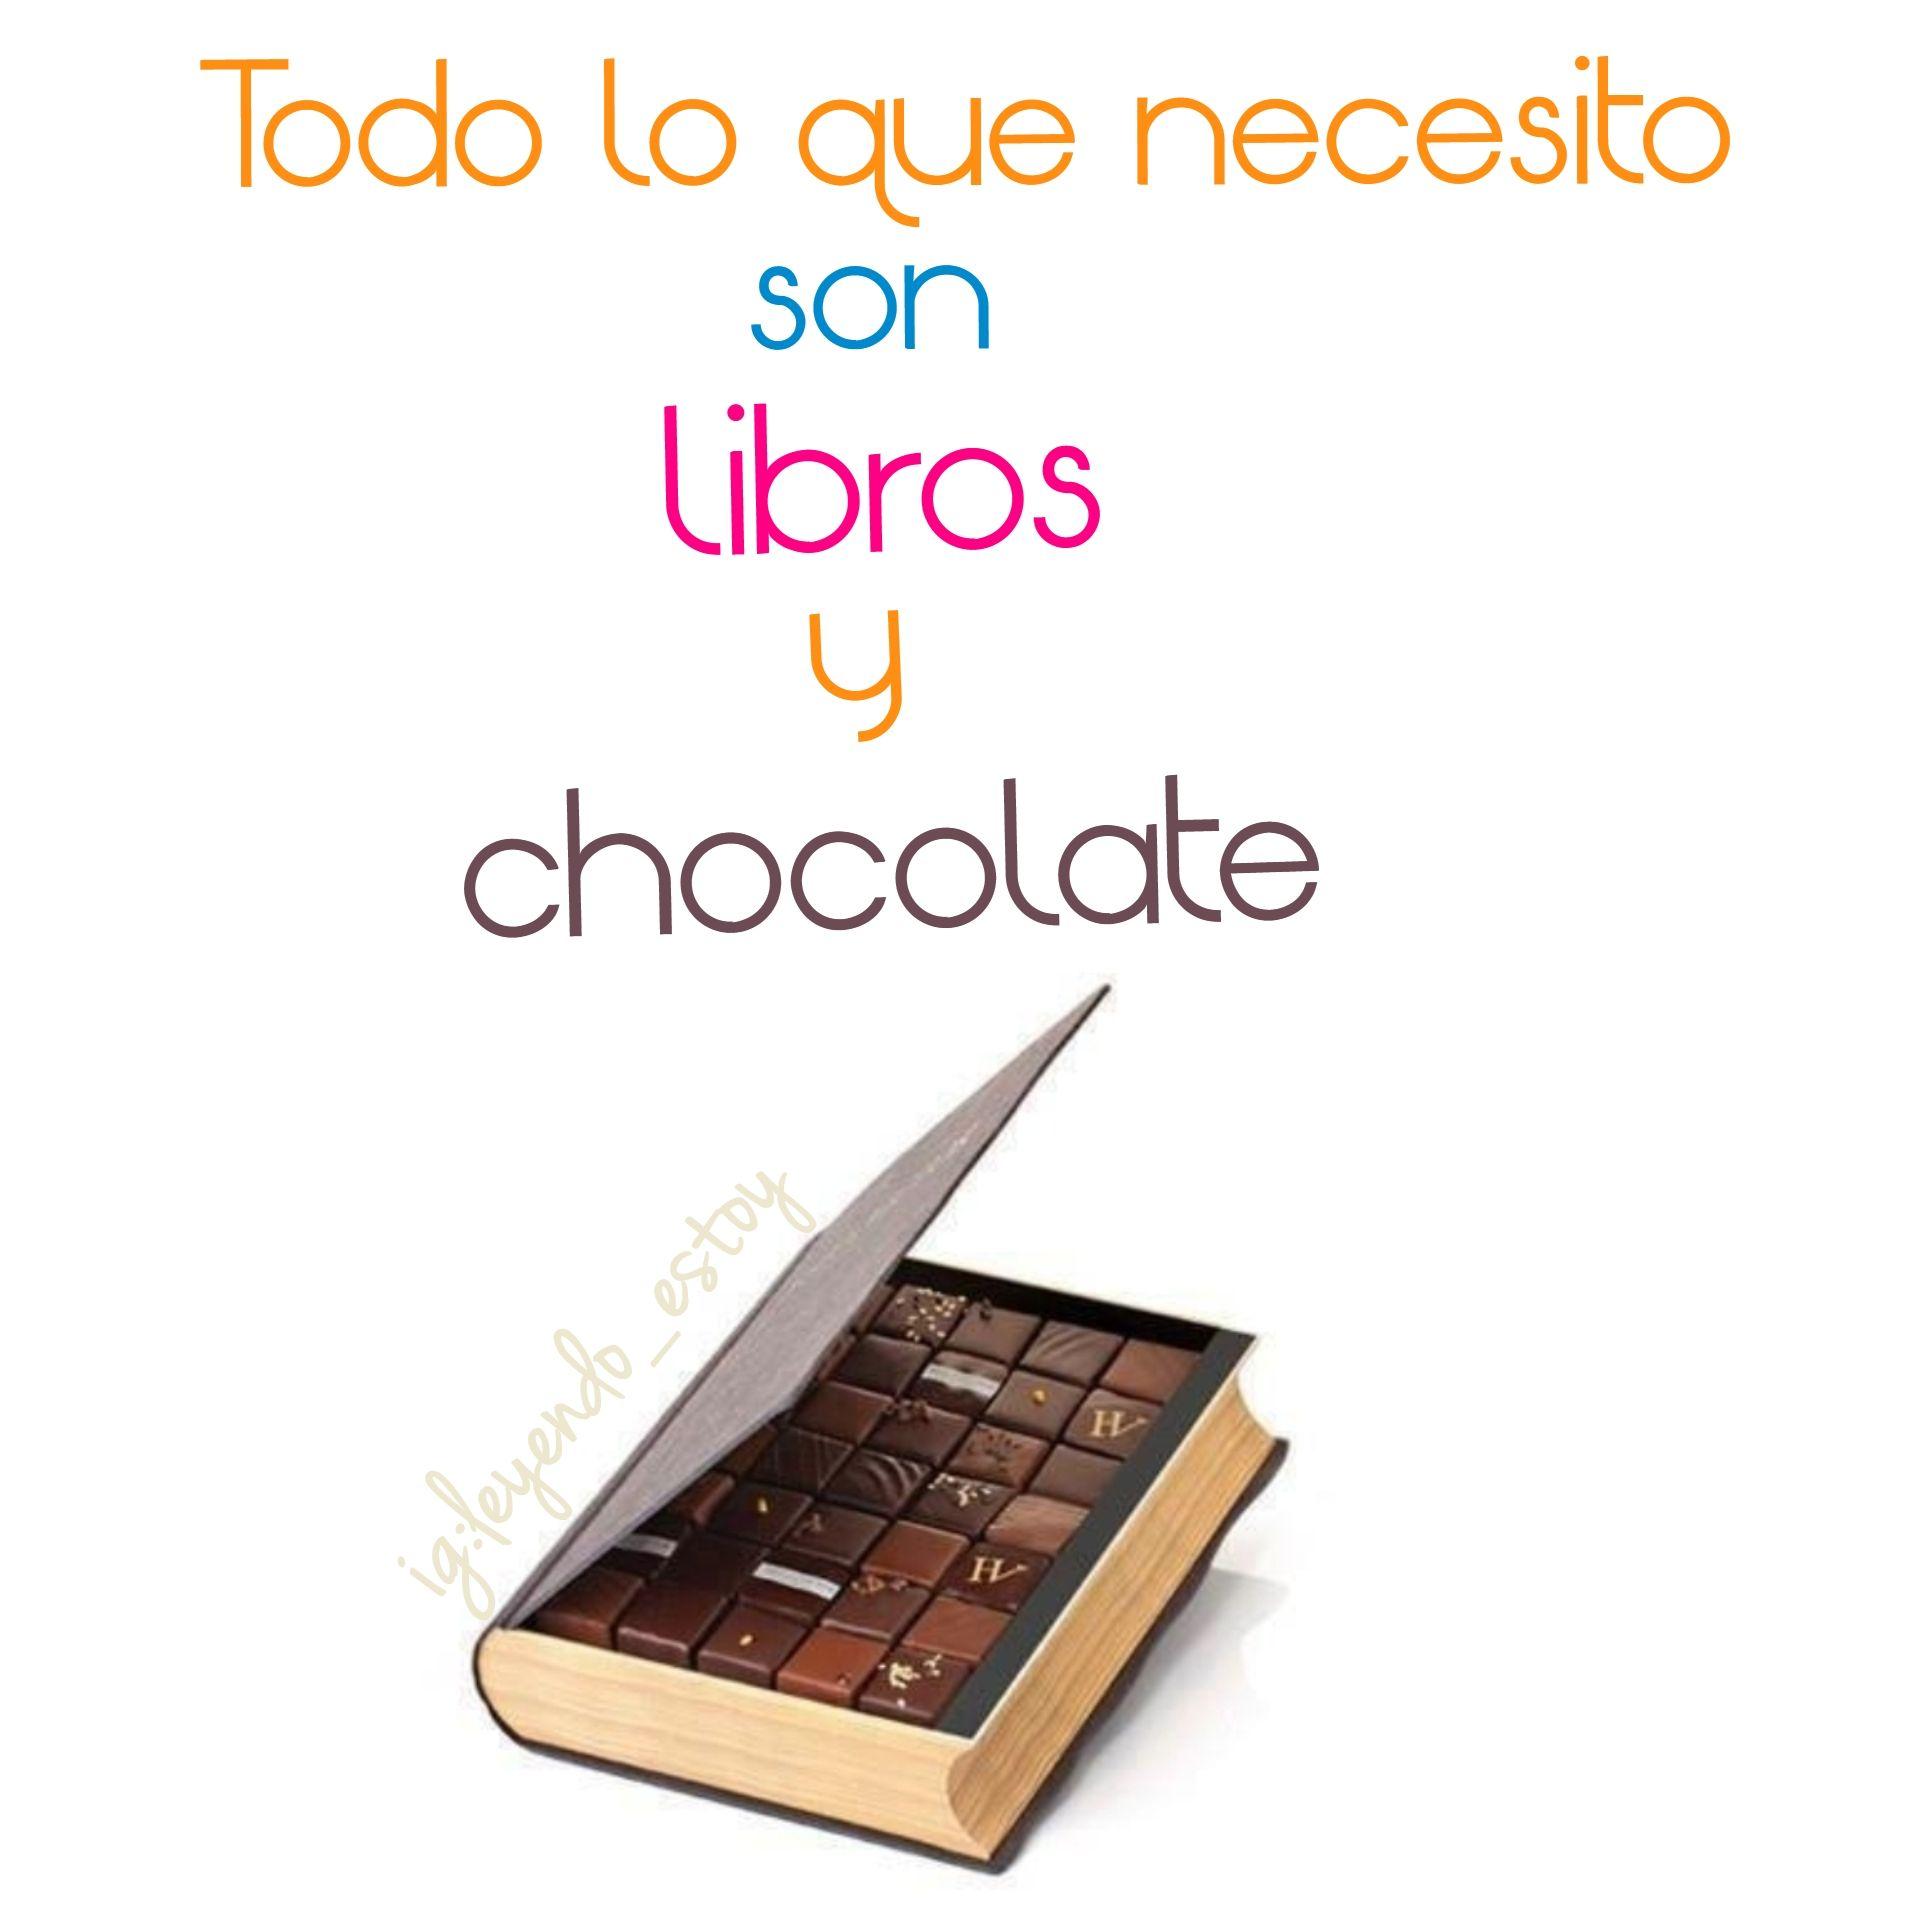 Todo lo que necesito son libros y chocolates